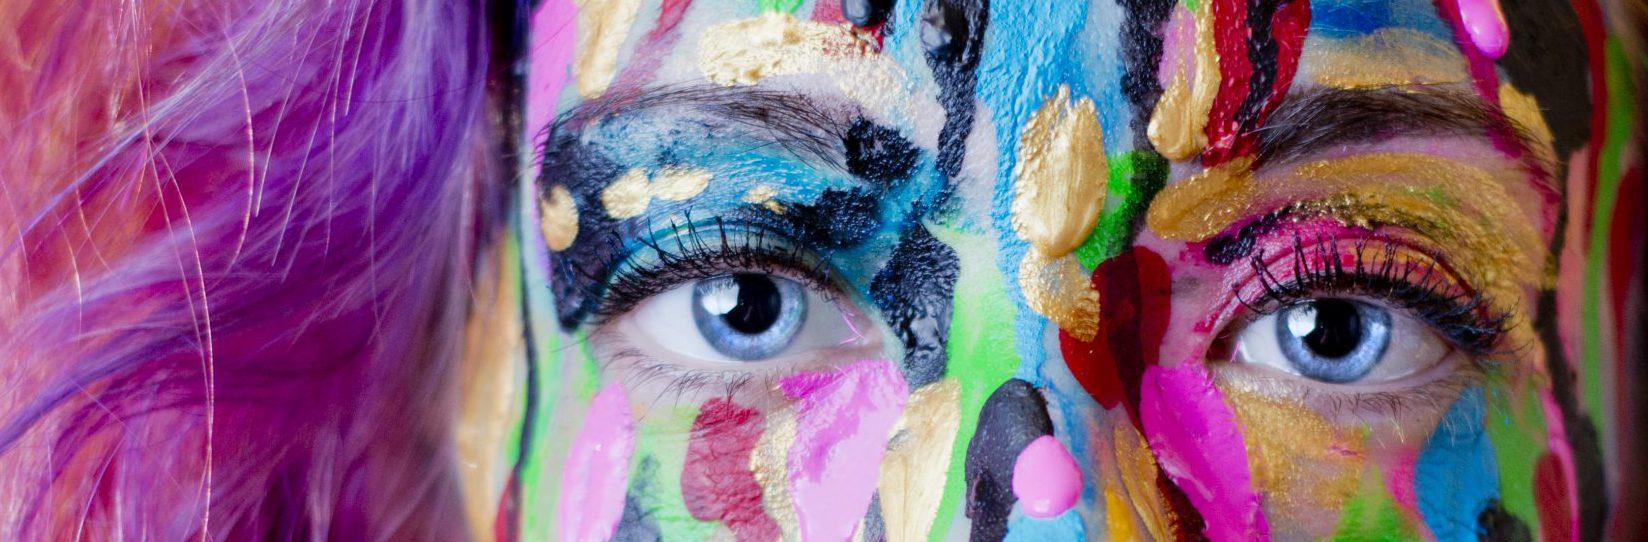 Blogs foto van dame met mooi geschilderd gezicht